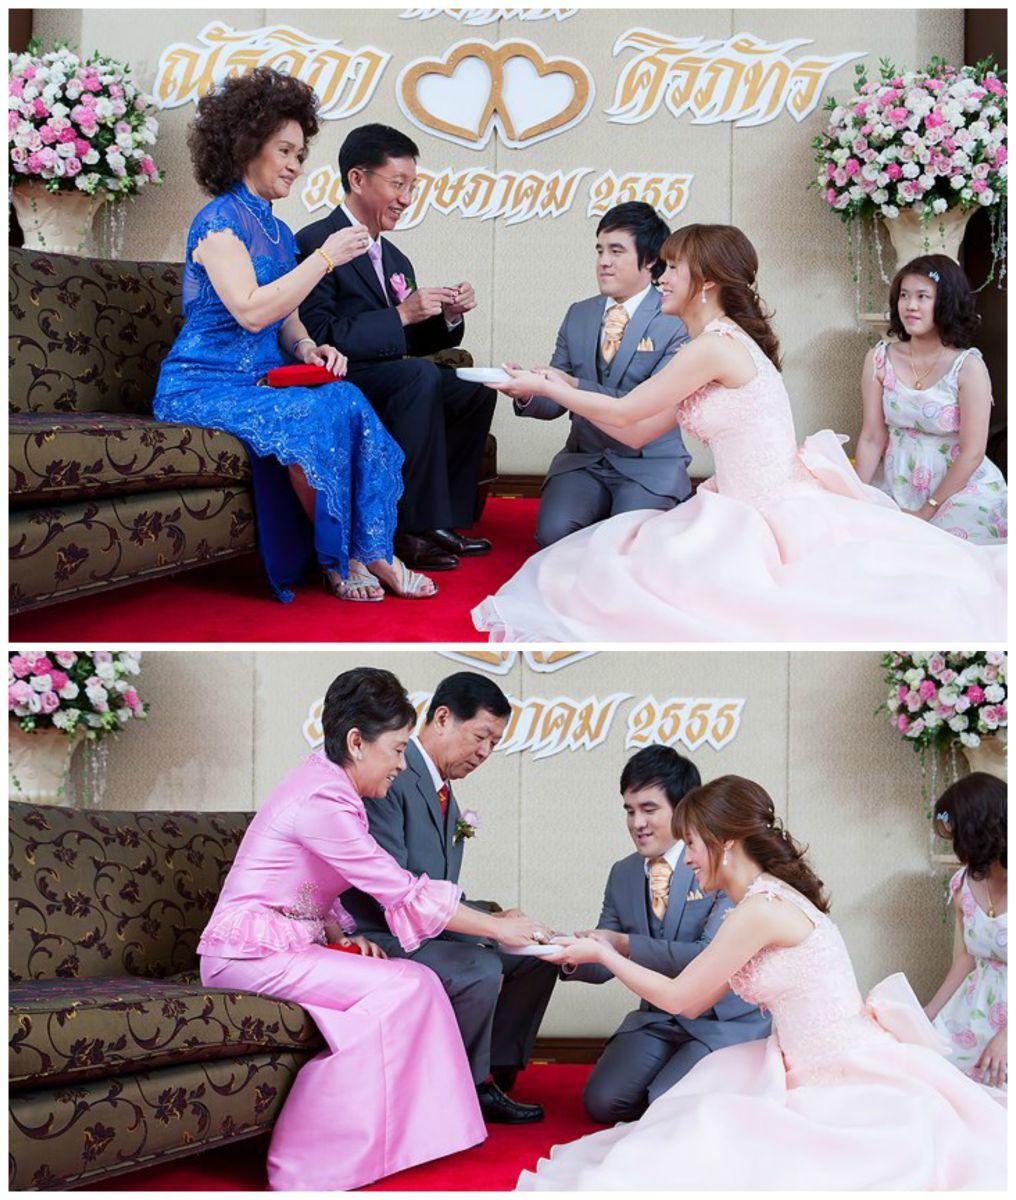 พิธีแต่งงานแบบจีน,งานหมั้น,พิธีหมั้น,พิธียกน้ำชา ครบทุกพิธีแต่งงานแบบจีนใน 1 วัน